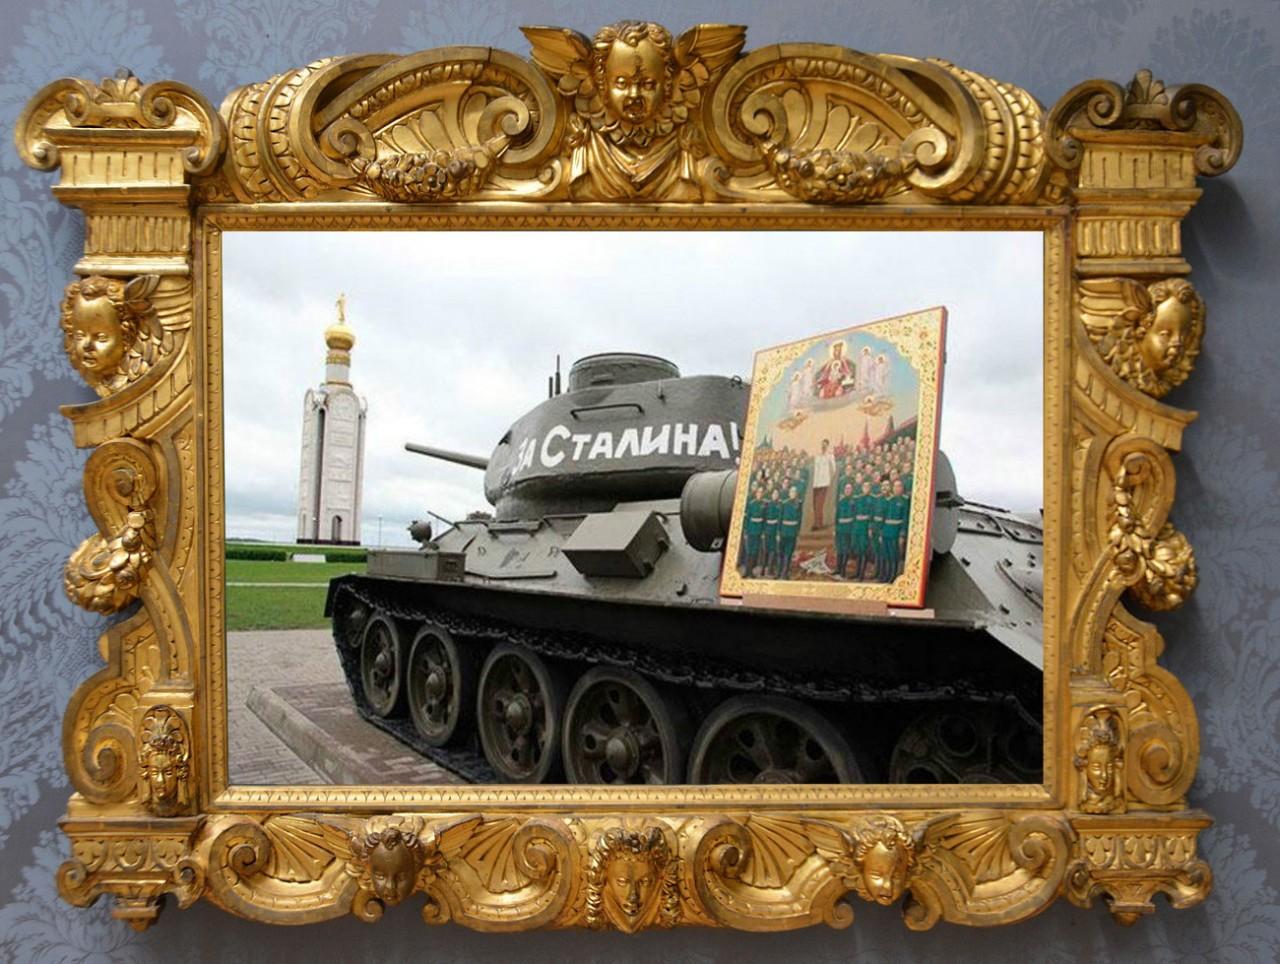 Сталин, Грозный и Распутин. Кого в России предлагали канонизировать